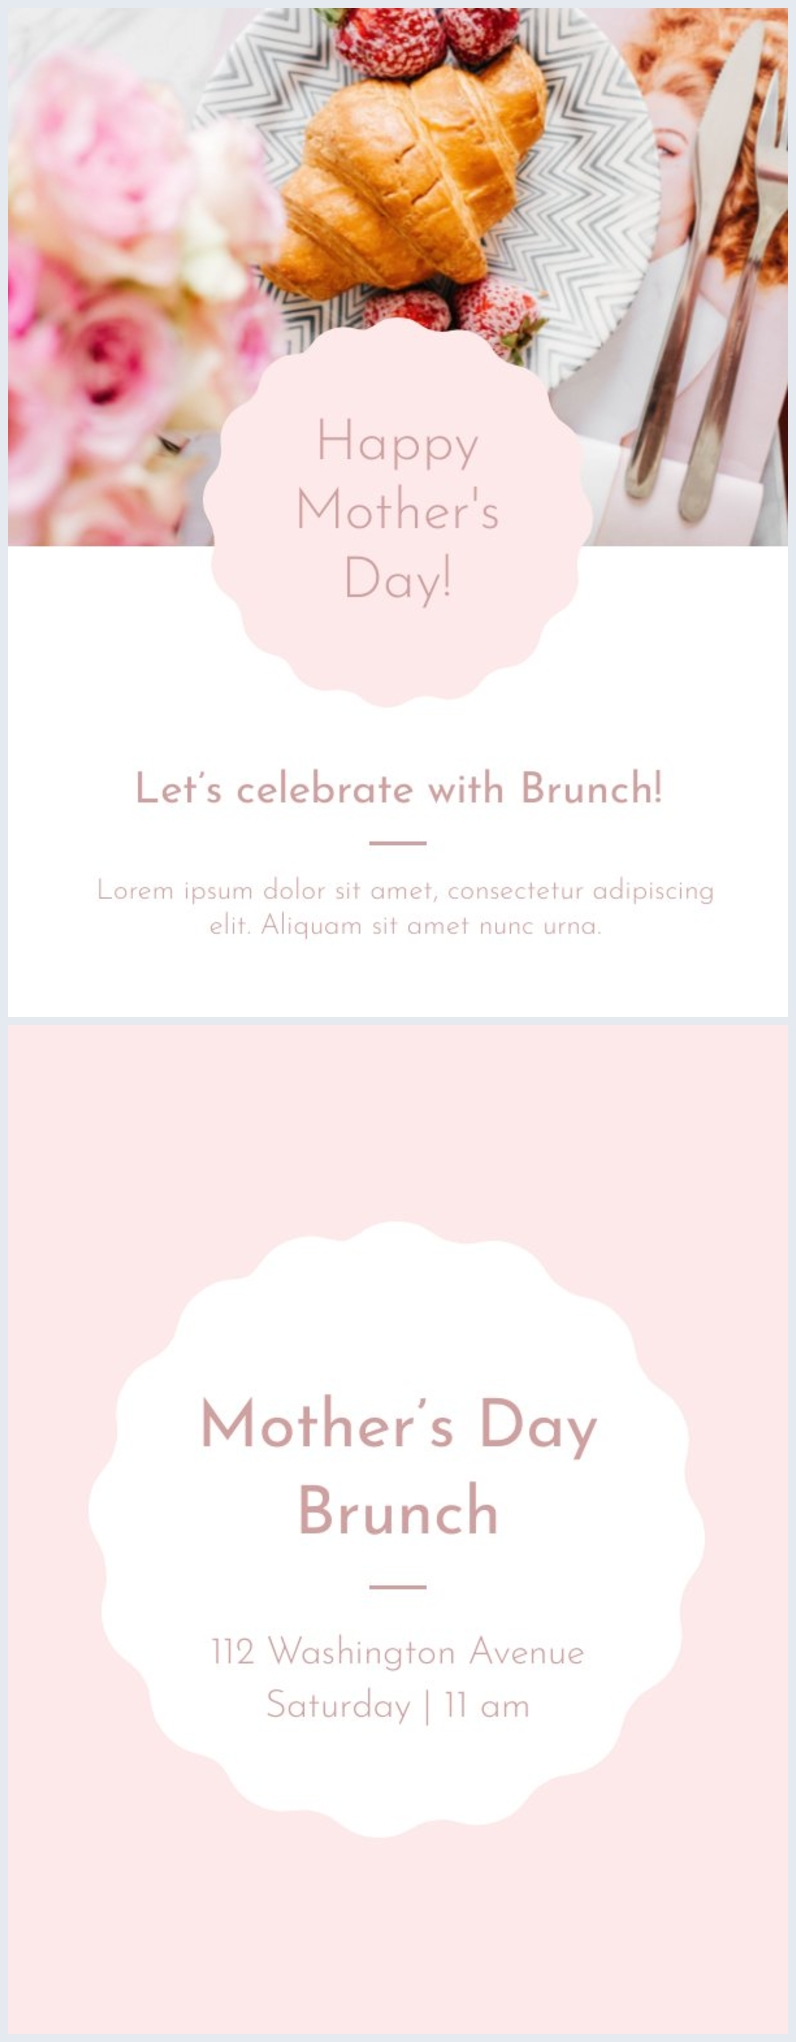 Diseño de plantilla para invitación al almuerzo del Día de la madre